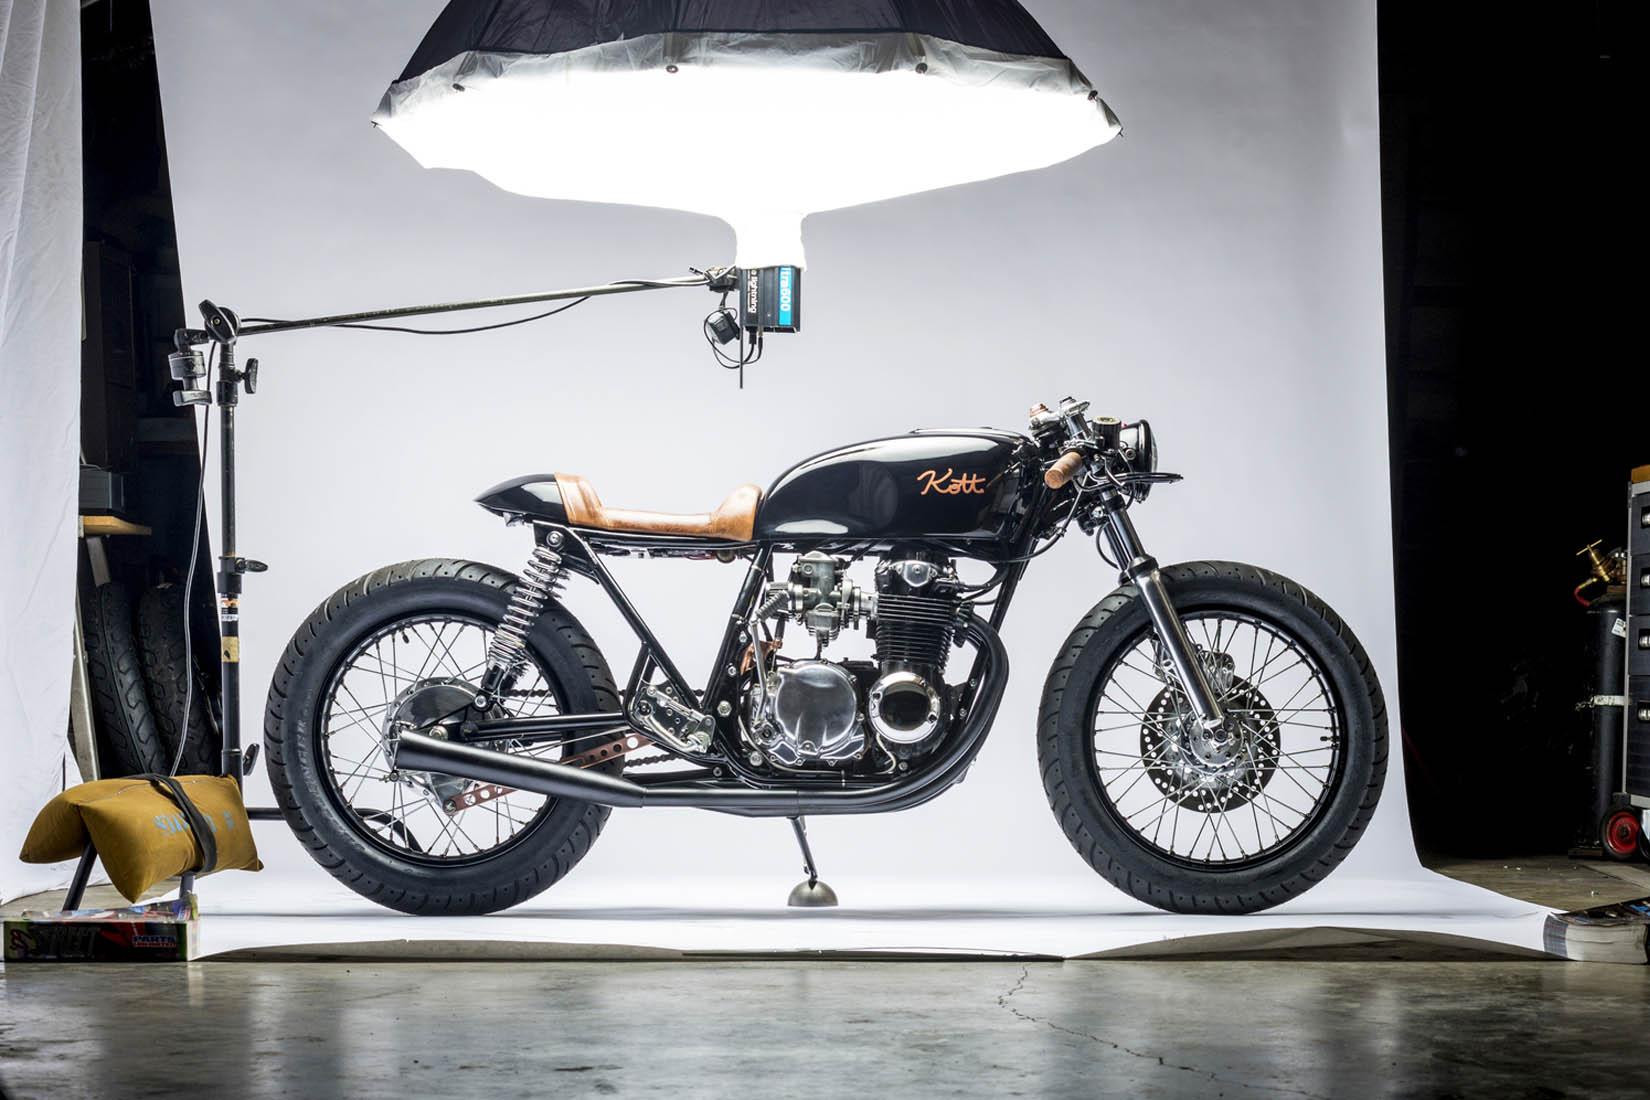 best custom motorcycle builder kott motorcycles review Luxe Digital